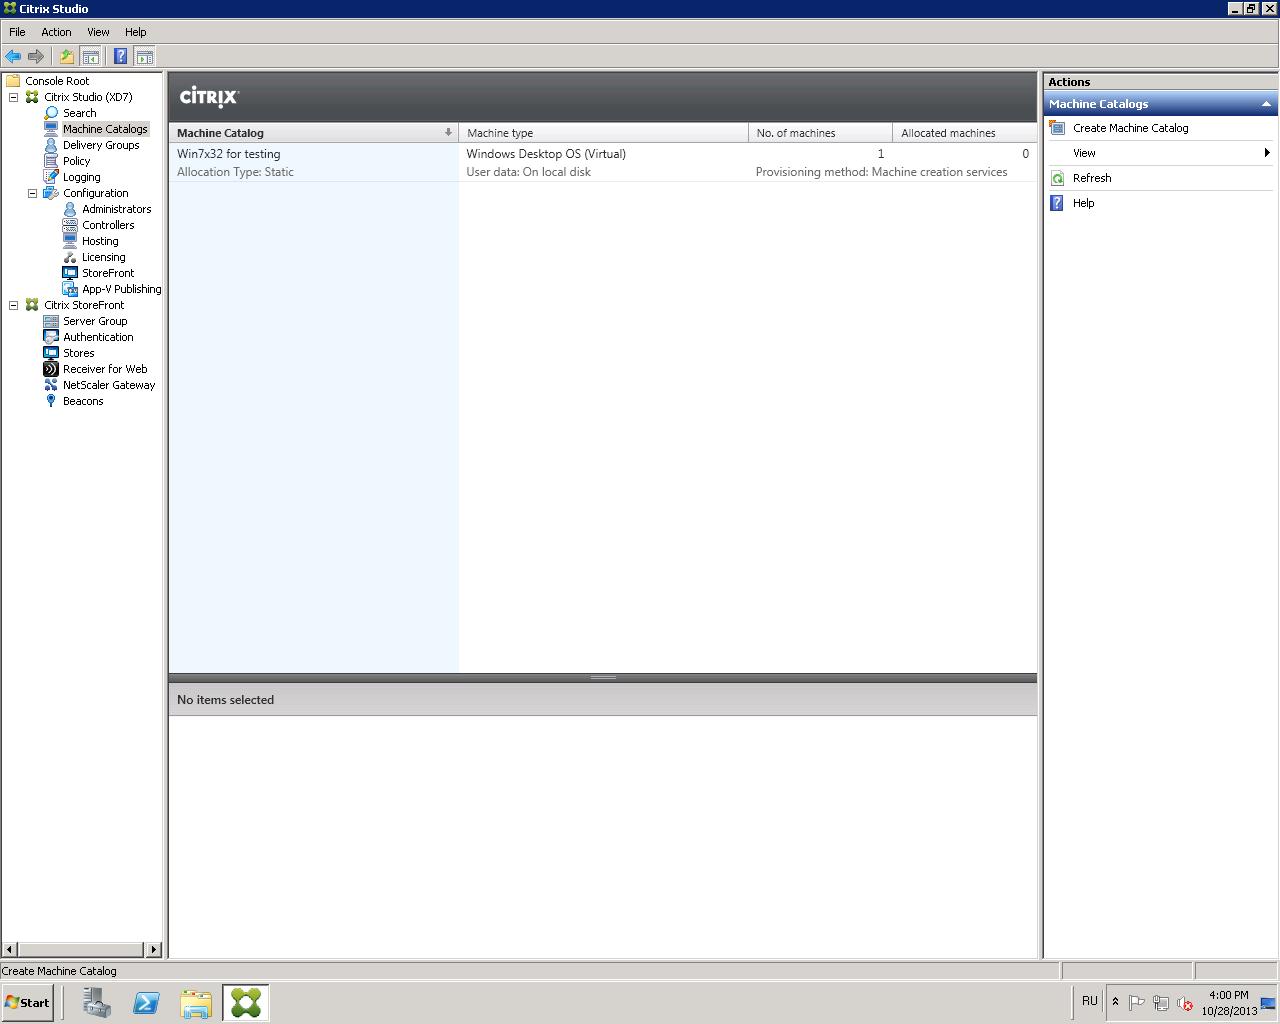 Настройка аутентификации в Citrix XenDesktop 7.x c использованием смарт-карт JaCarta PKI - 9